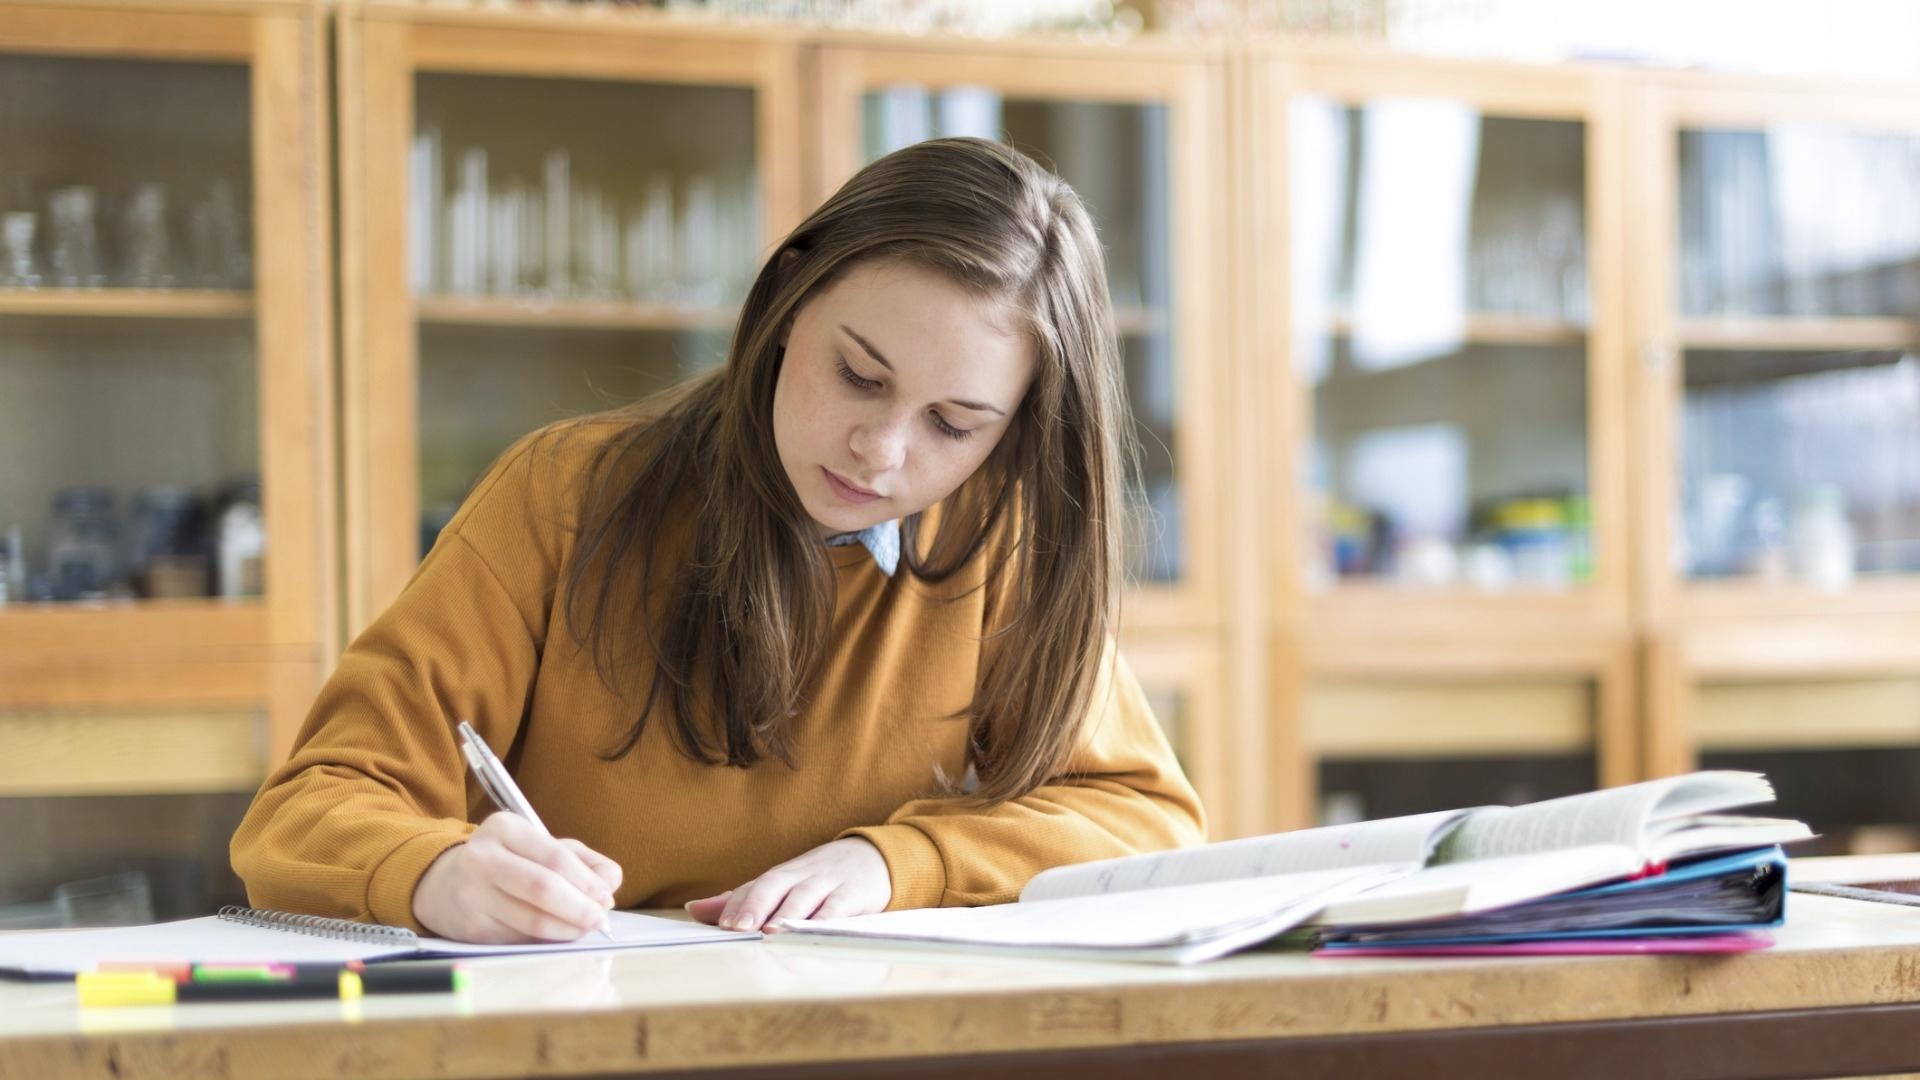 Oppimiserot syntyvät usein jo ennen kouluikää, mutta syvenevät etäopetuksen kaltaisissa poikkeusoloissa.